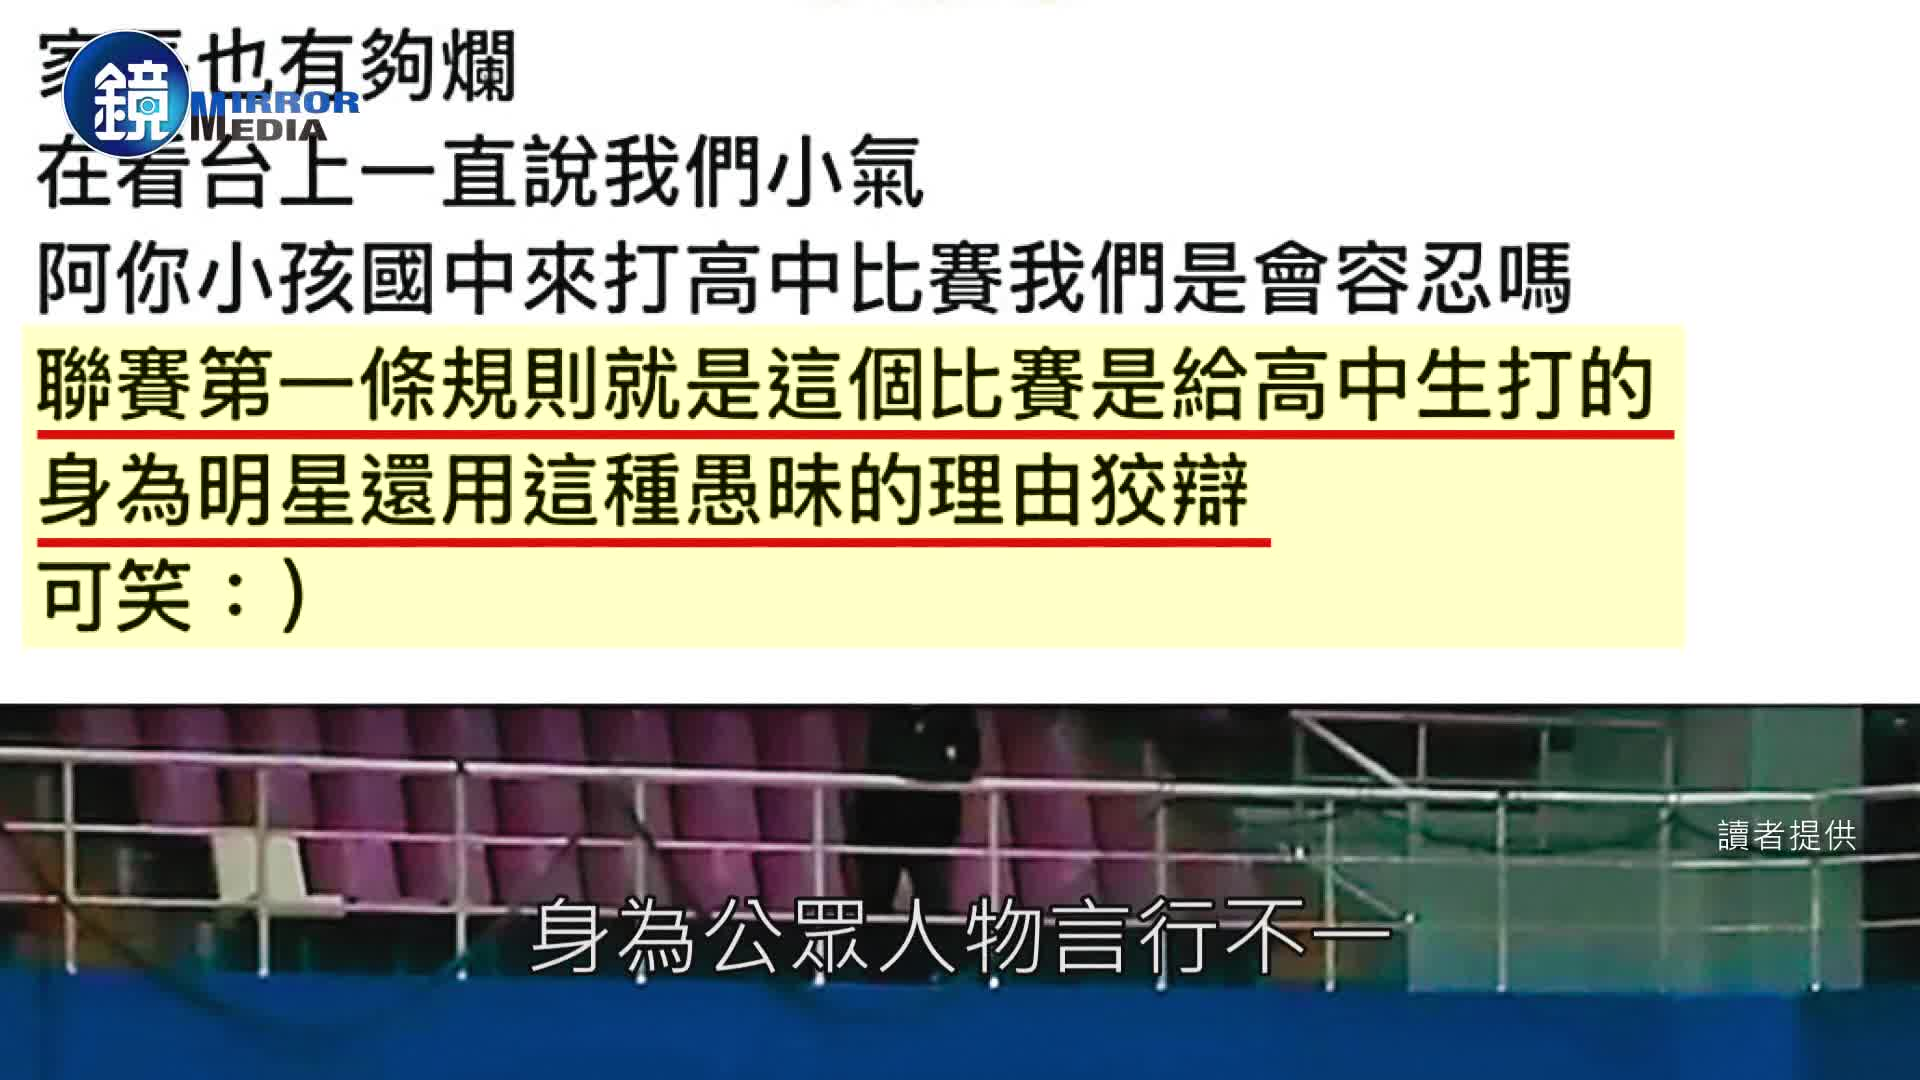 【鏡爆焦點】年齡不足打不成HBL 陶晶瑩李李仁現場失控護女